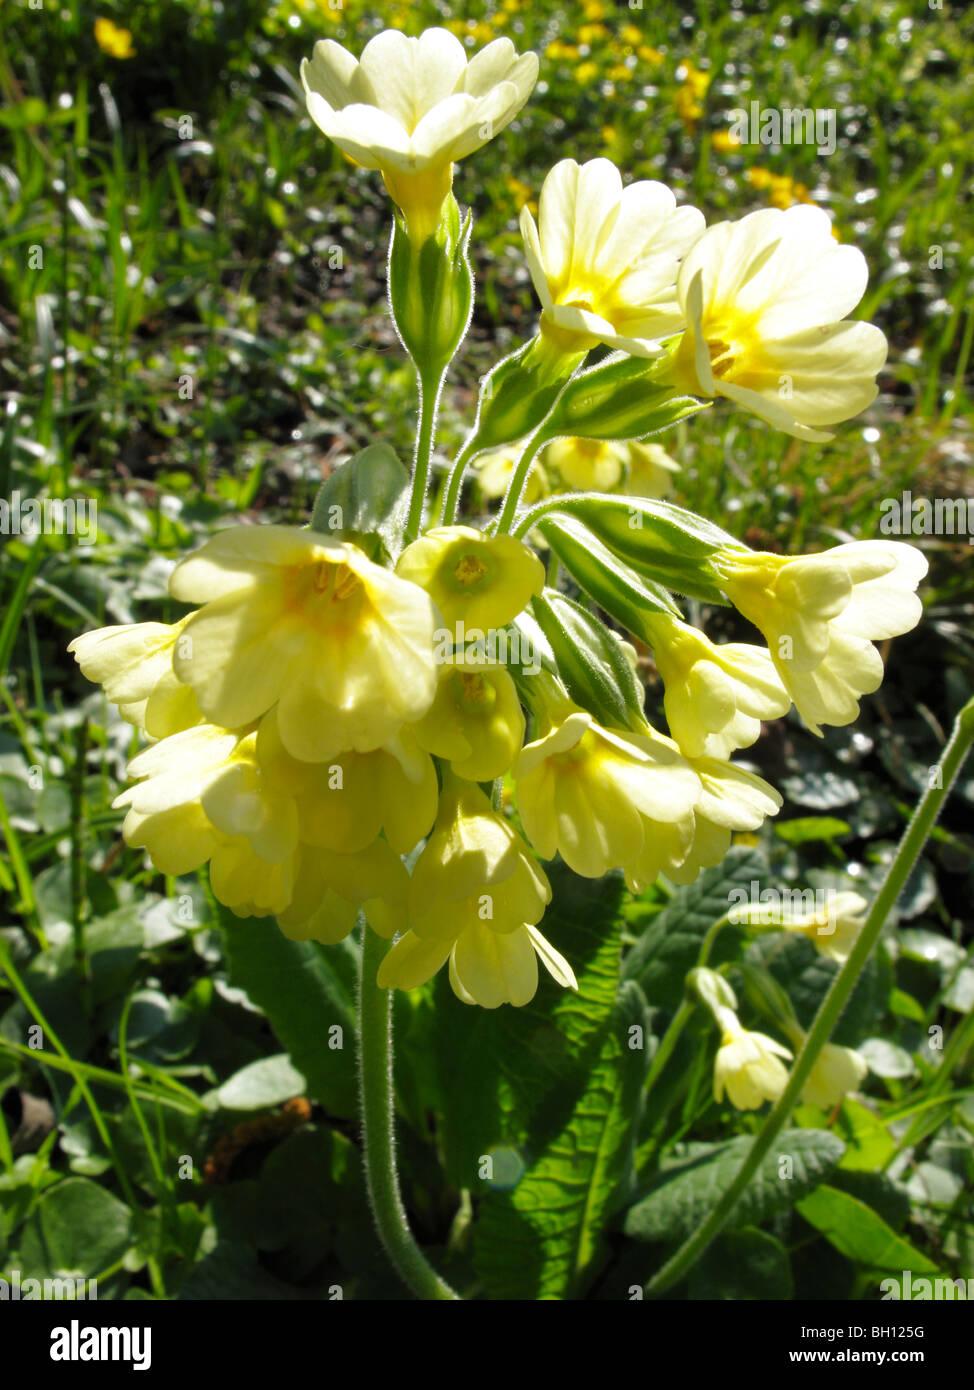 Cowslip (Primula veris) Stock Photo